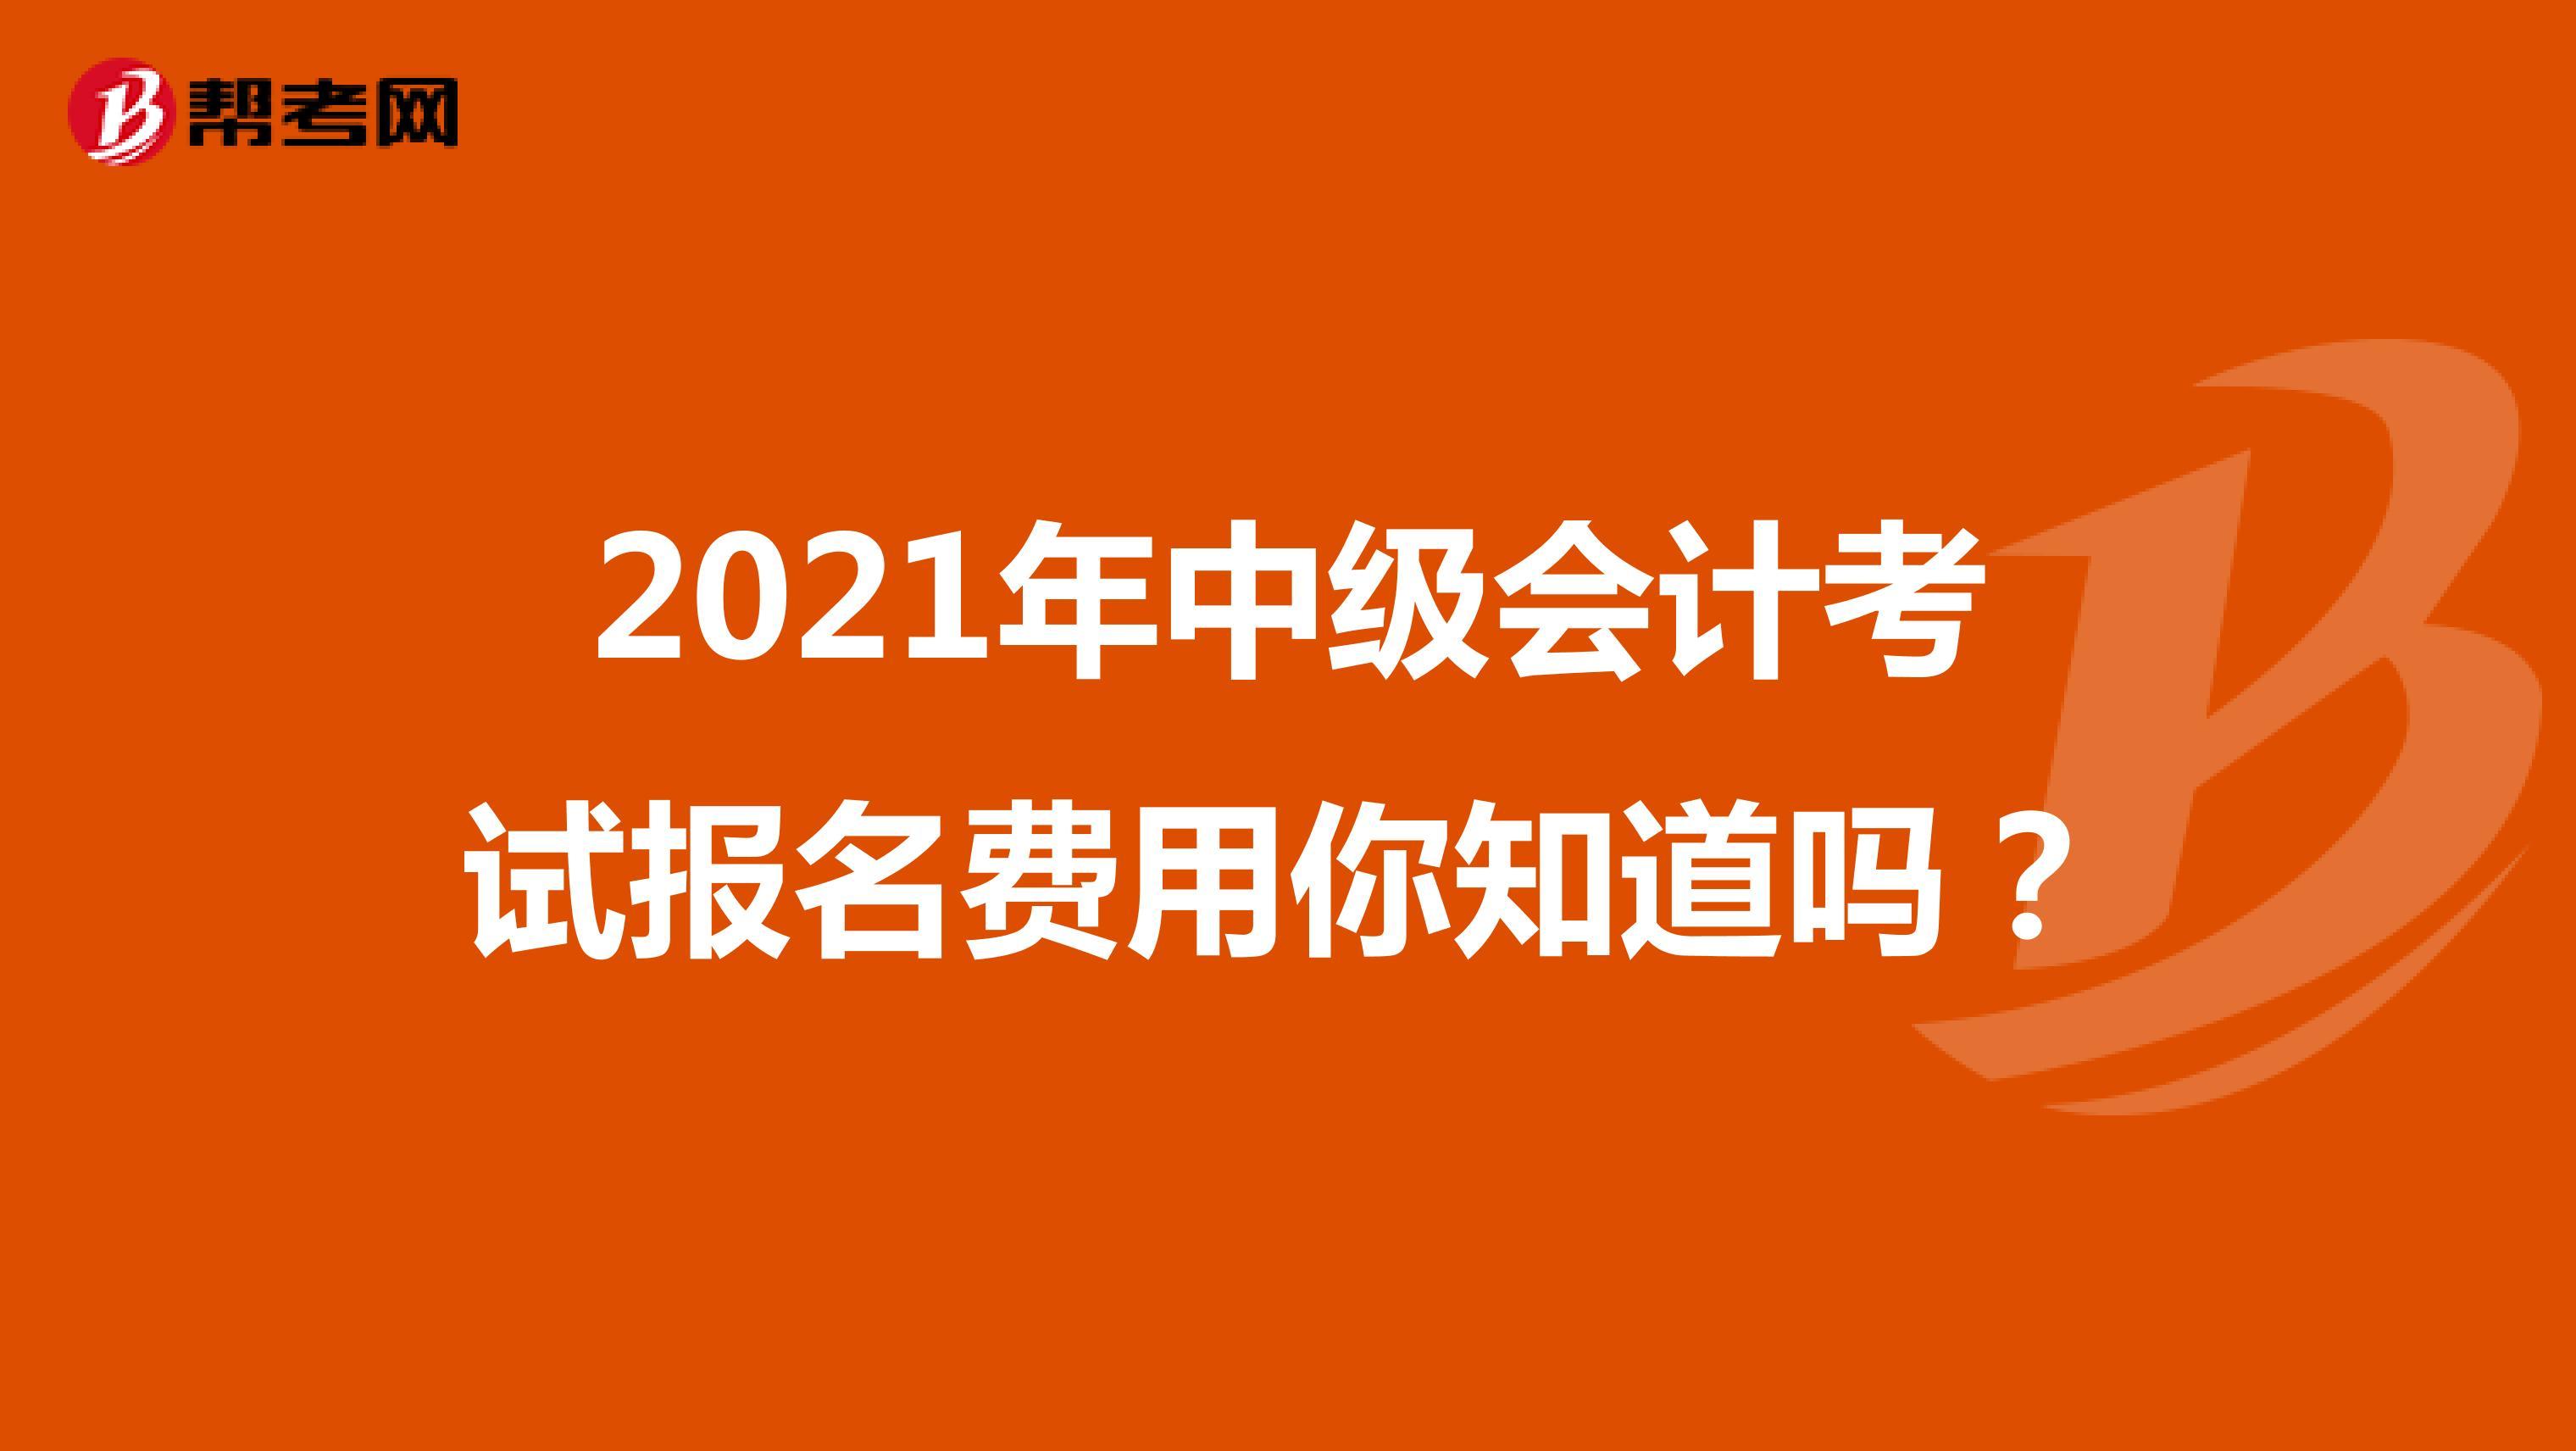 2021年中级会计考试报名费用你知道吗?